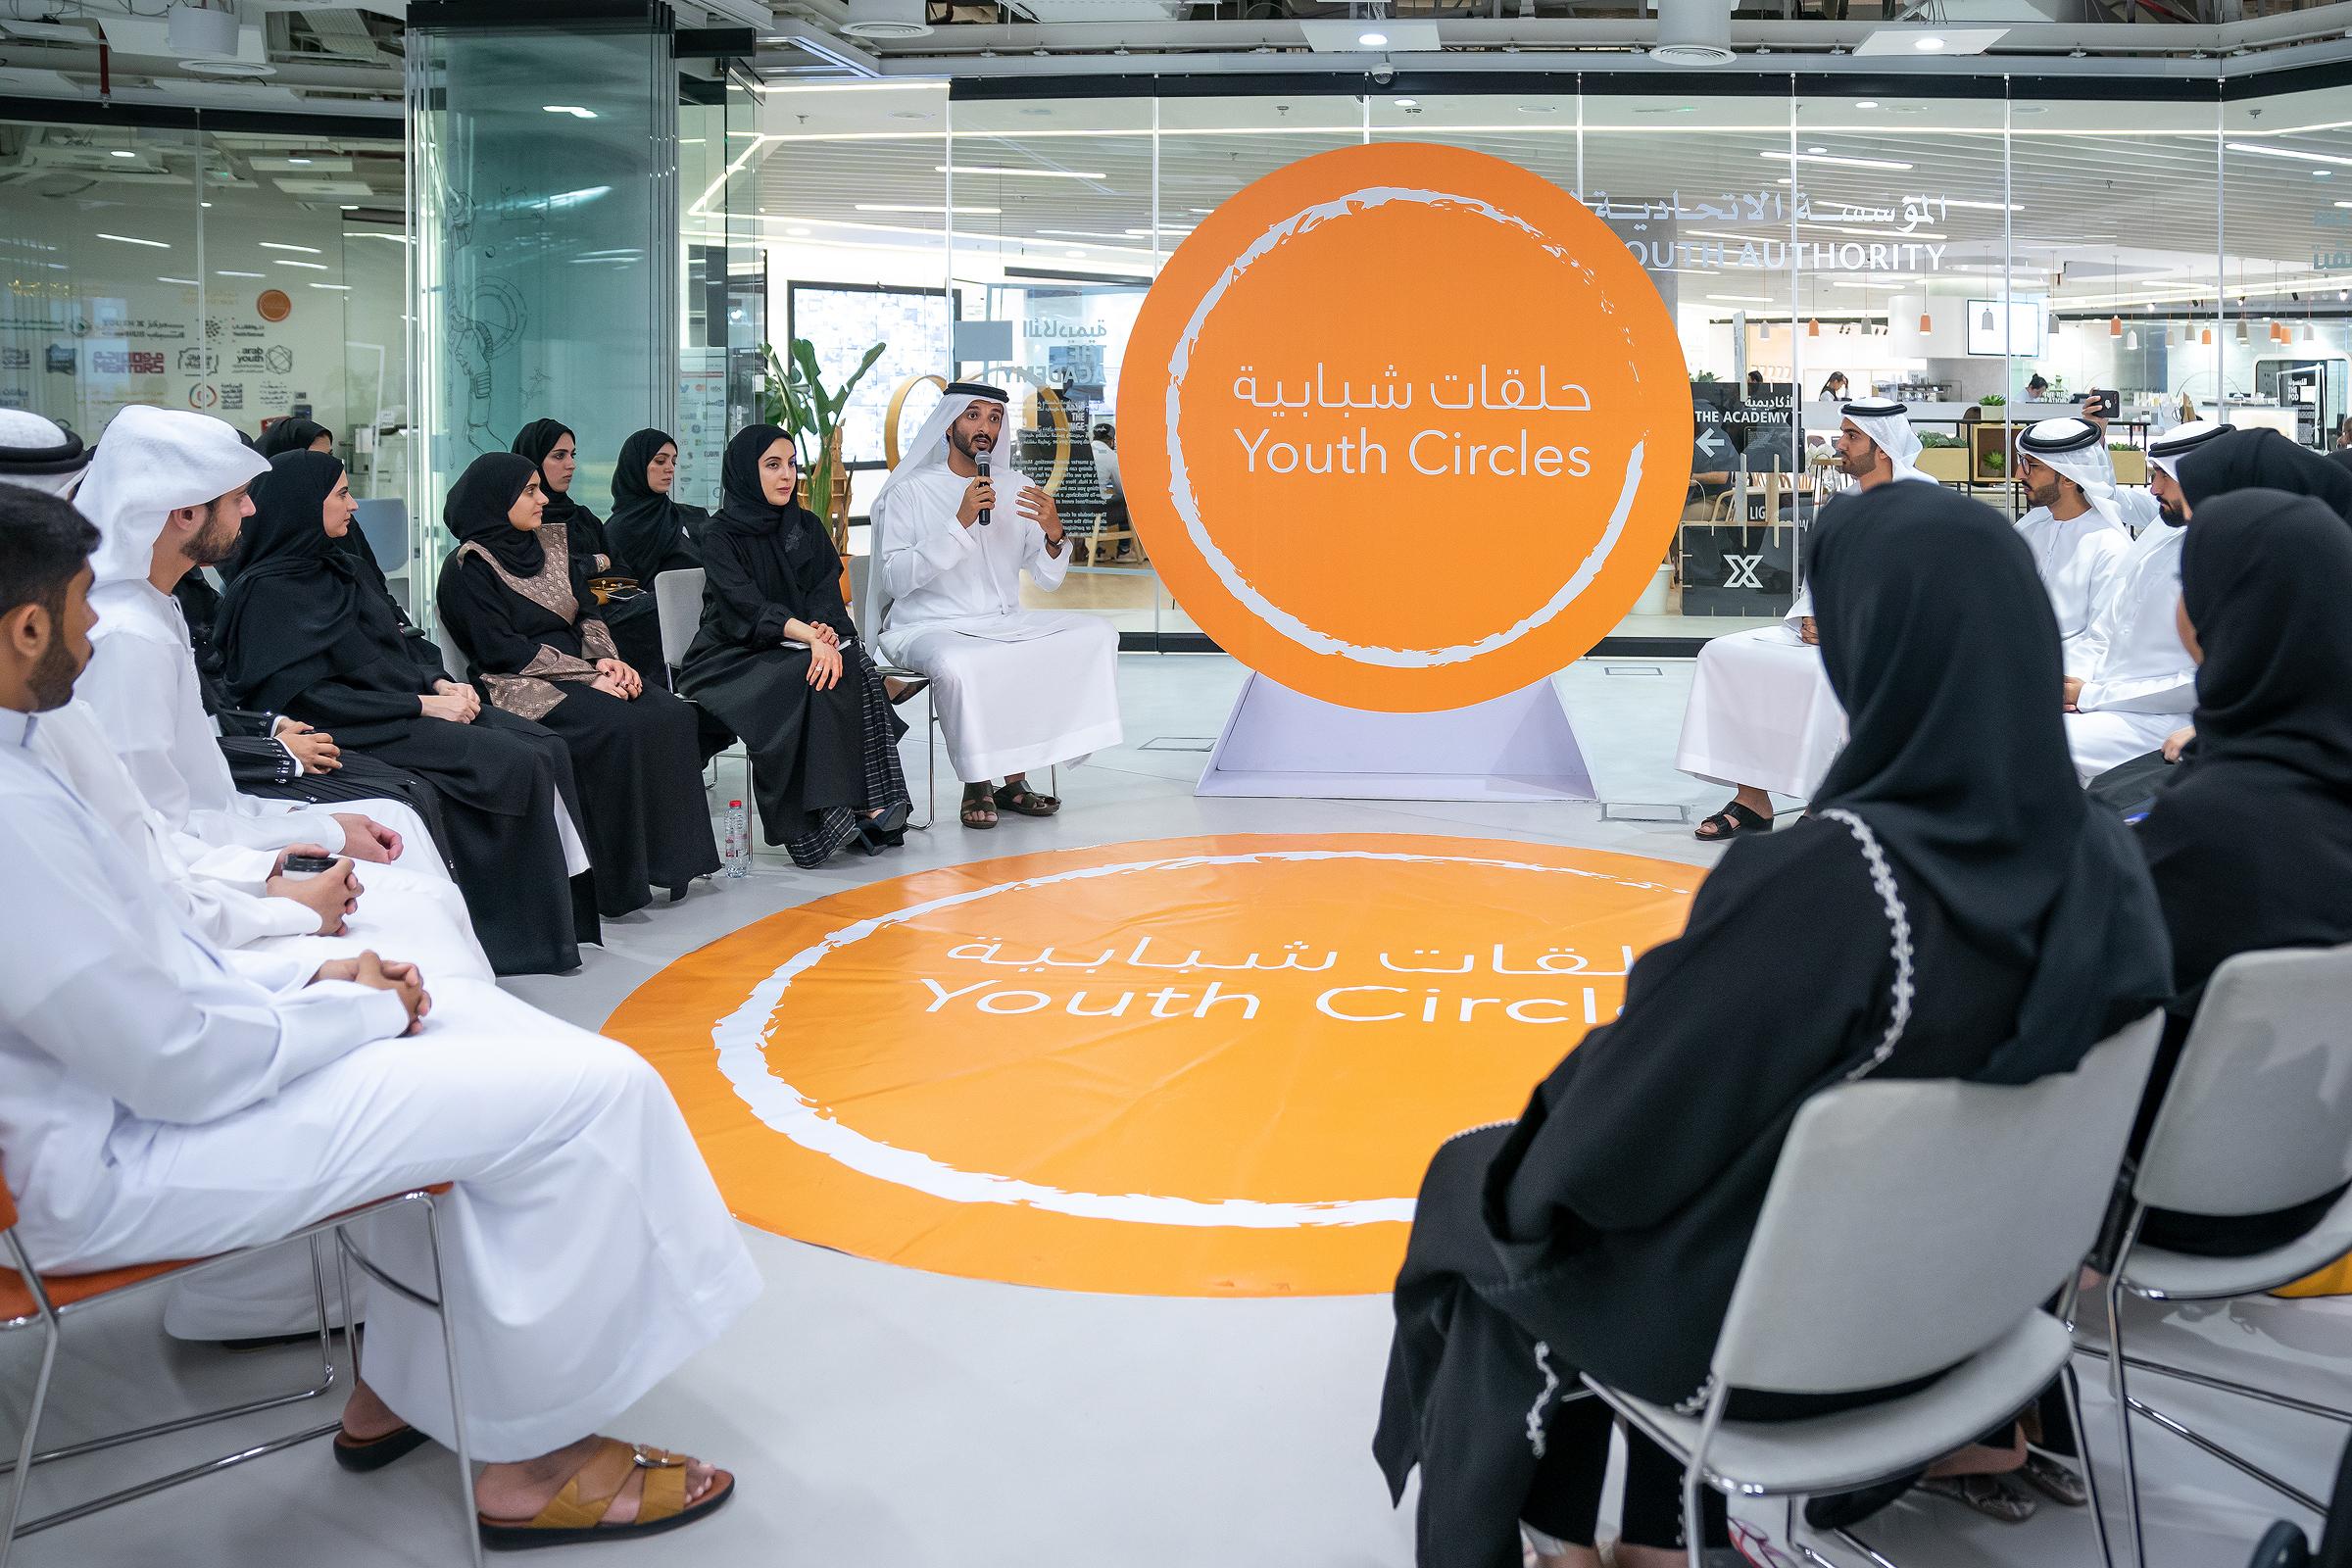 الأمانة العامة لمجلس الوزراء تستضيف حلقة شبابية لمناقشة أدوار الشباب في مجالس إدارات الجهات الاتحادية